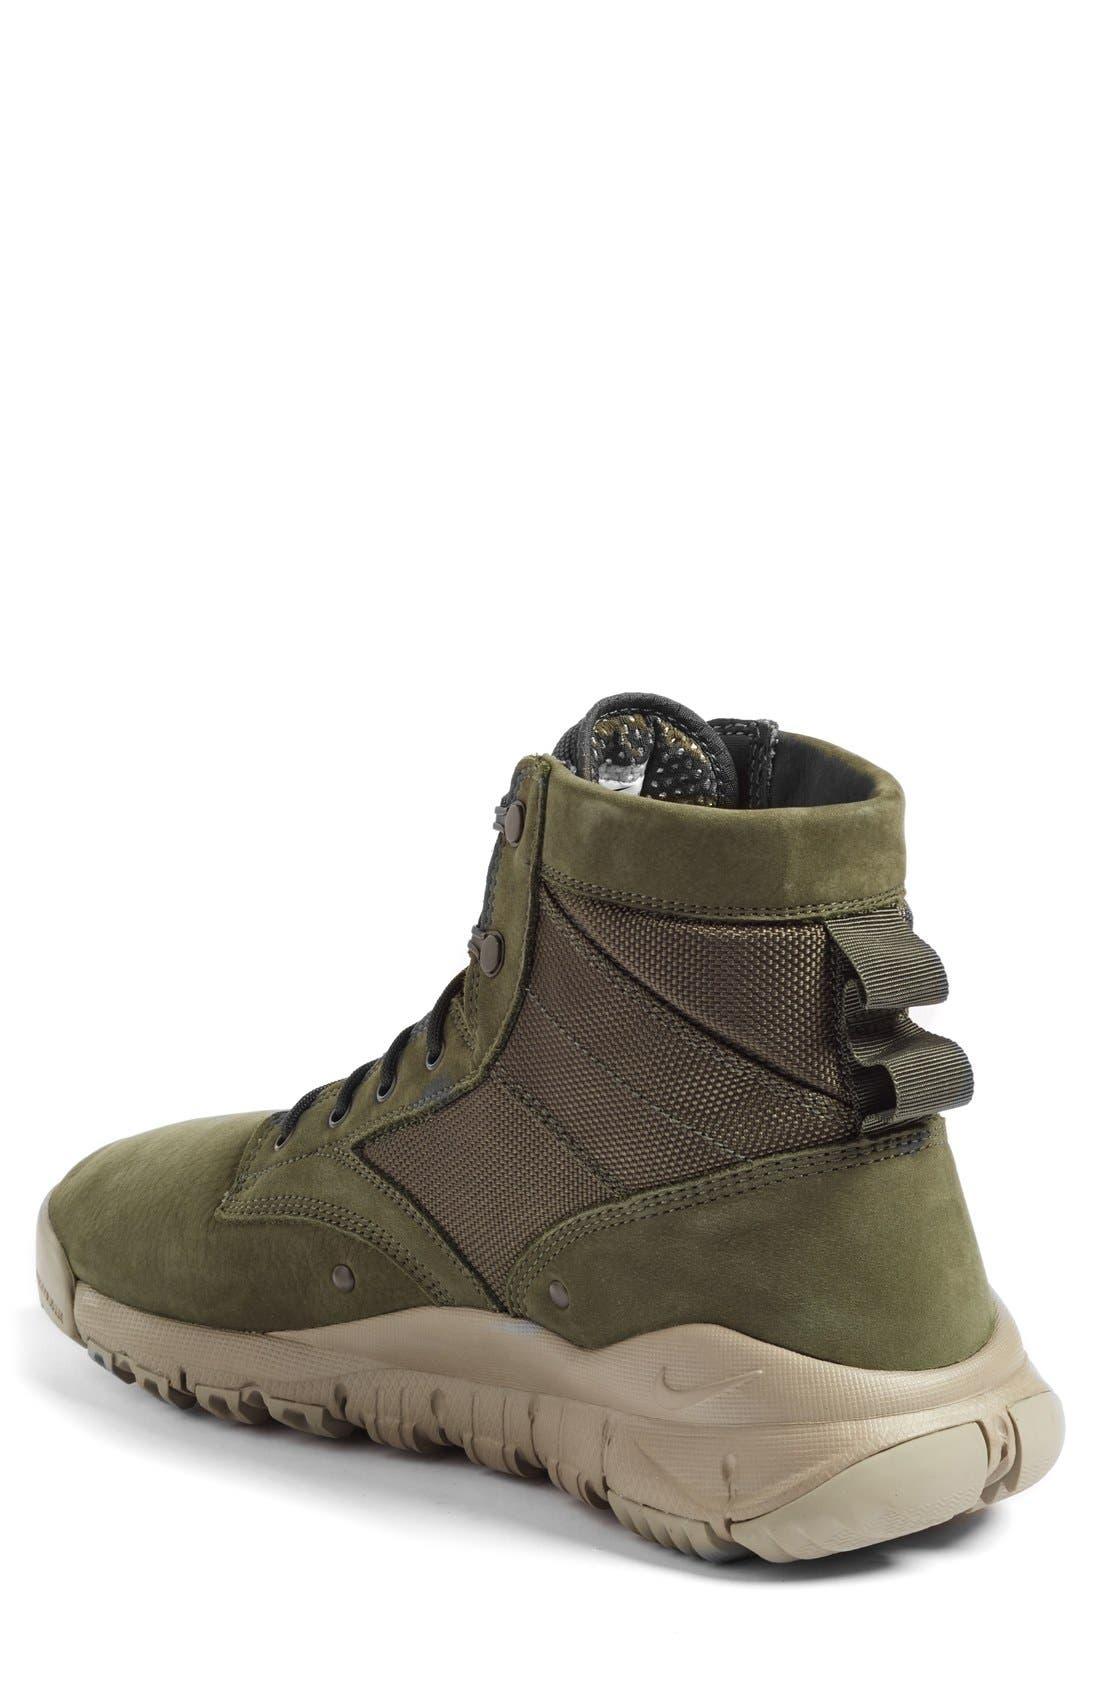 'SFB' Plain Toe Boot,                             Alternate thumbnail 2, color,                             Cargo Khaki/ Cargo Khaki